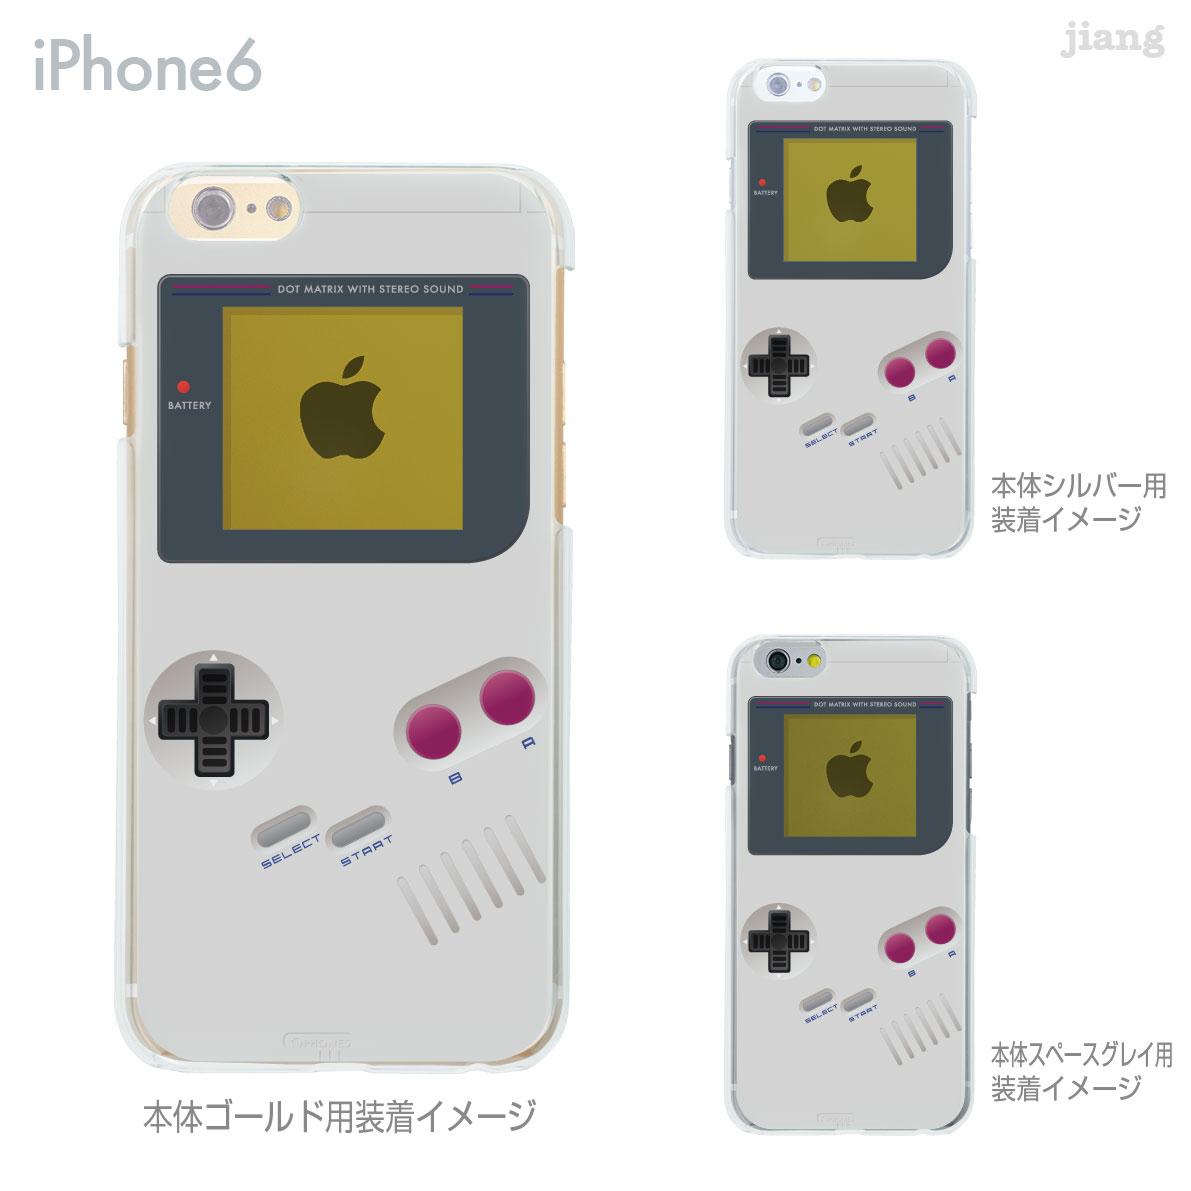 iPhone6s iPhone6 Plus iphone ケース スマホケース ハードケース Clear Arts カバー クリアケース かわいい 着せ替え イラスト 懐かしのゲーム機 08-ip6-ca0075